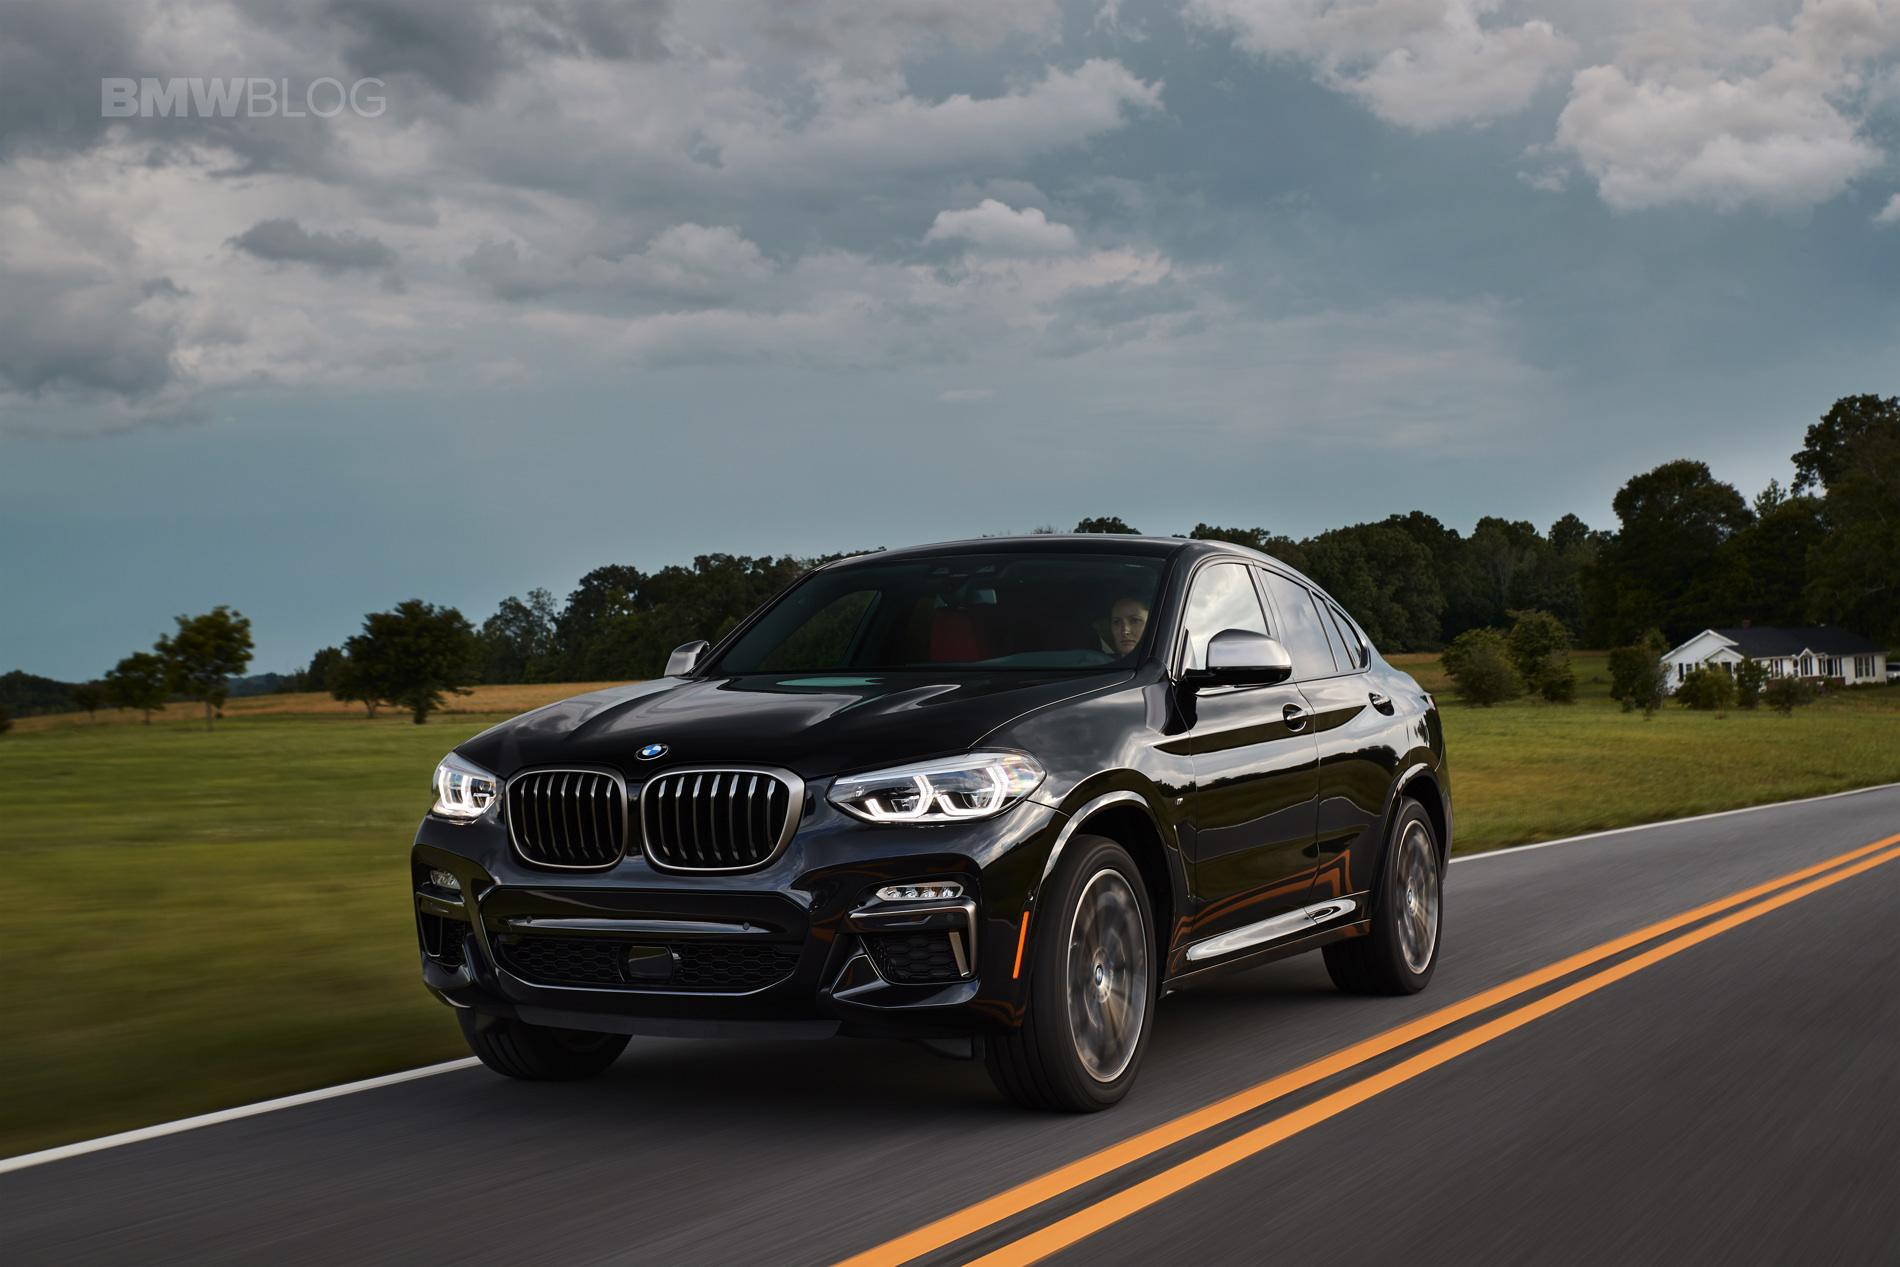 SPIED: BMW X4 M40i LCI 2022 года: рестайлинг с увеличенными решетками